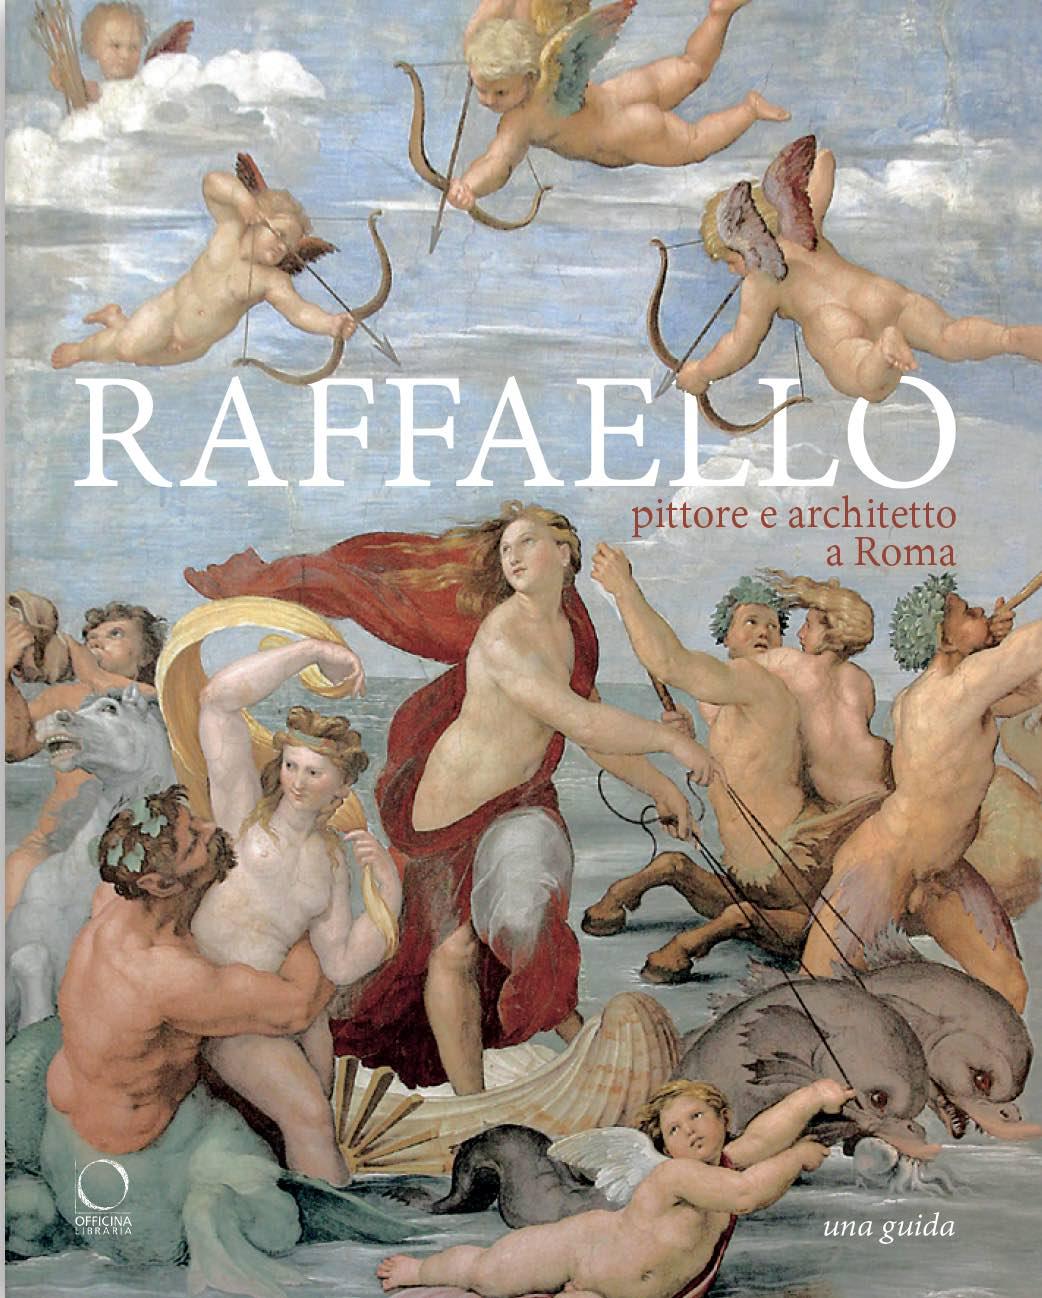 Esce un libro con gli itinerari per scoprire la Roma di Raffaello pittore e architetto